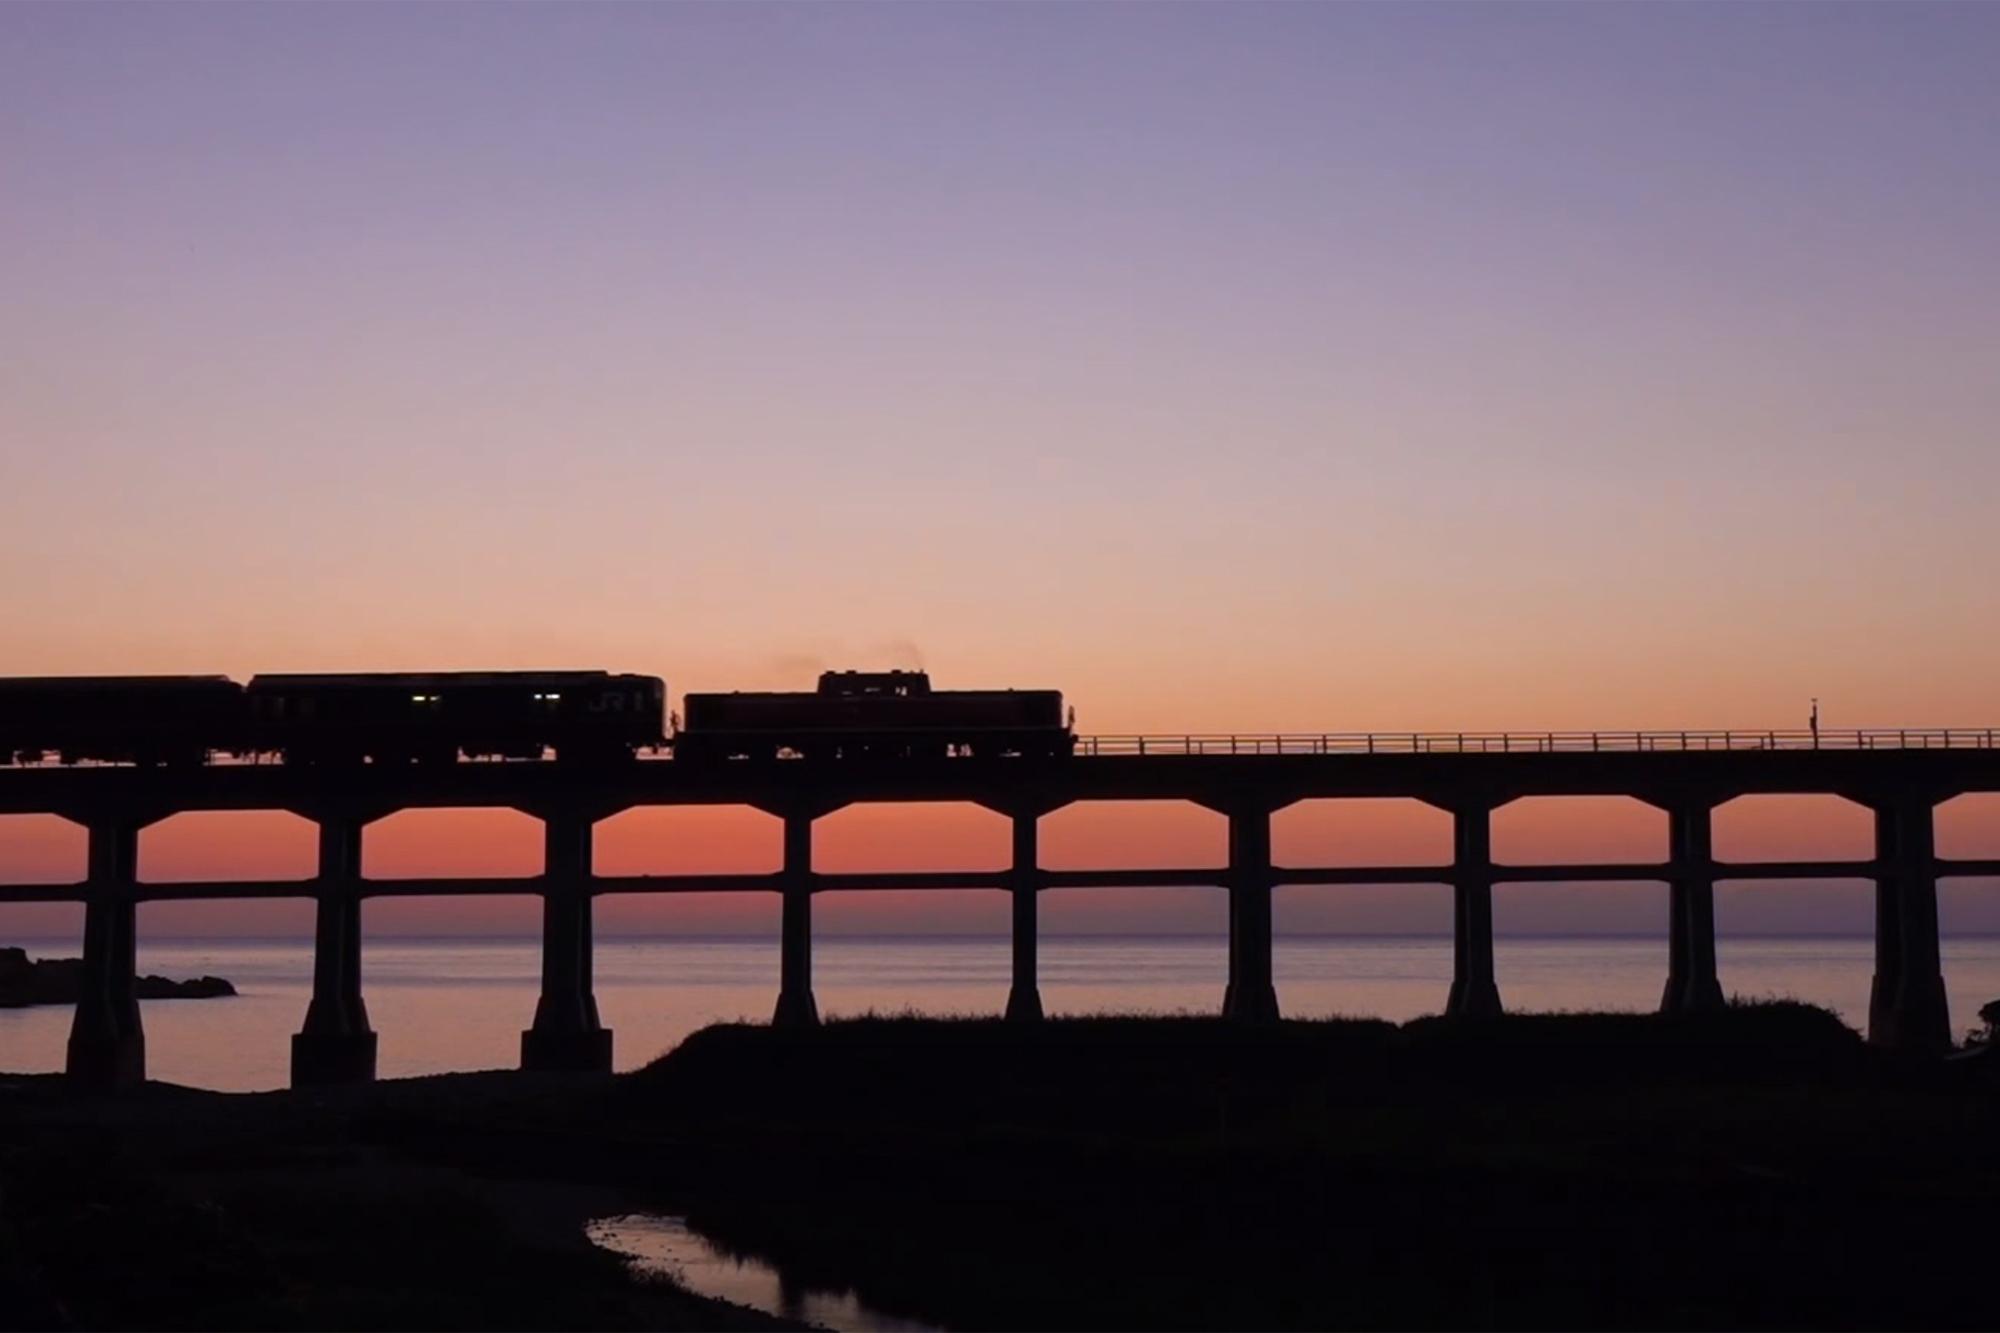 トワイライトの惣郷川橋梁